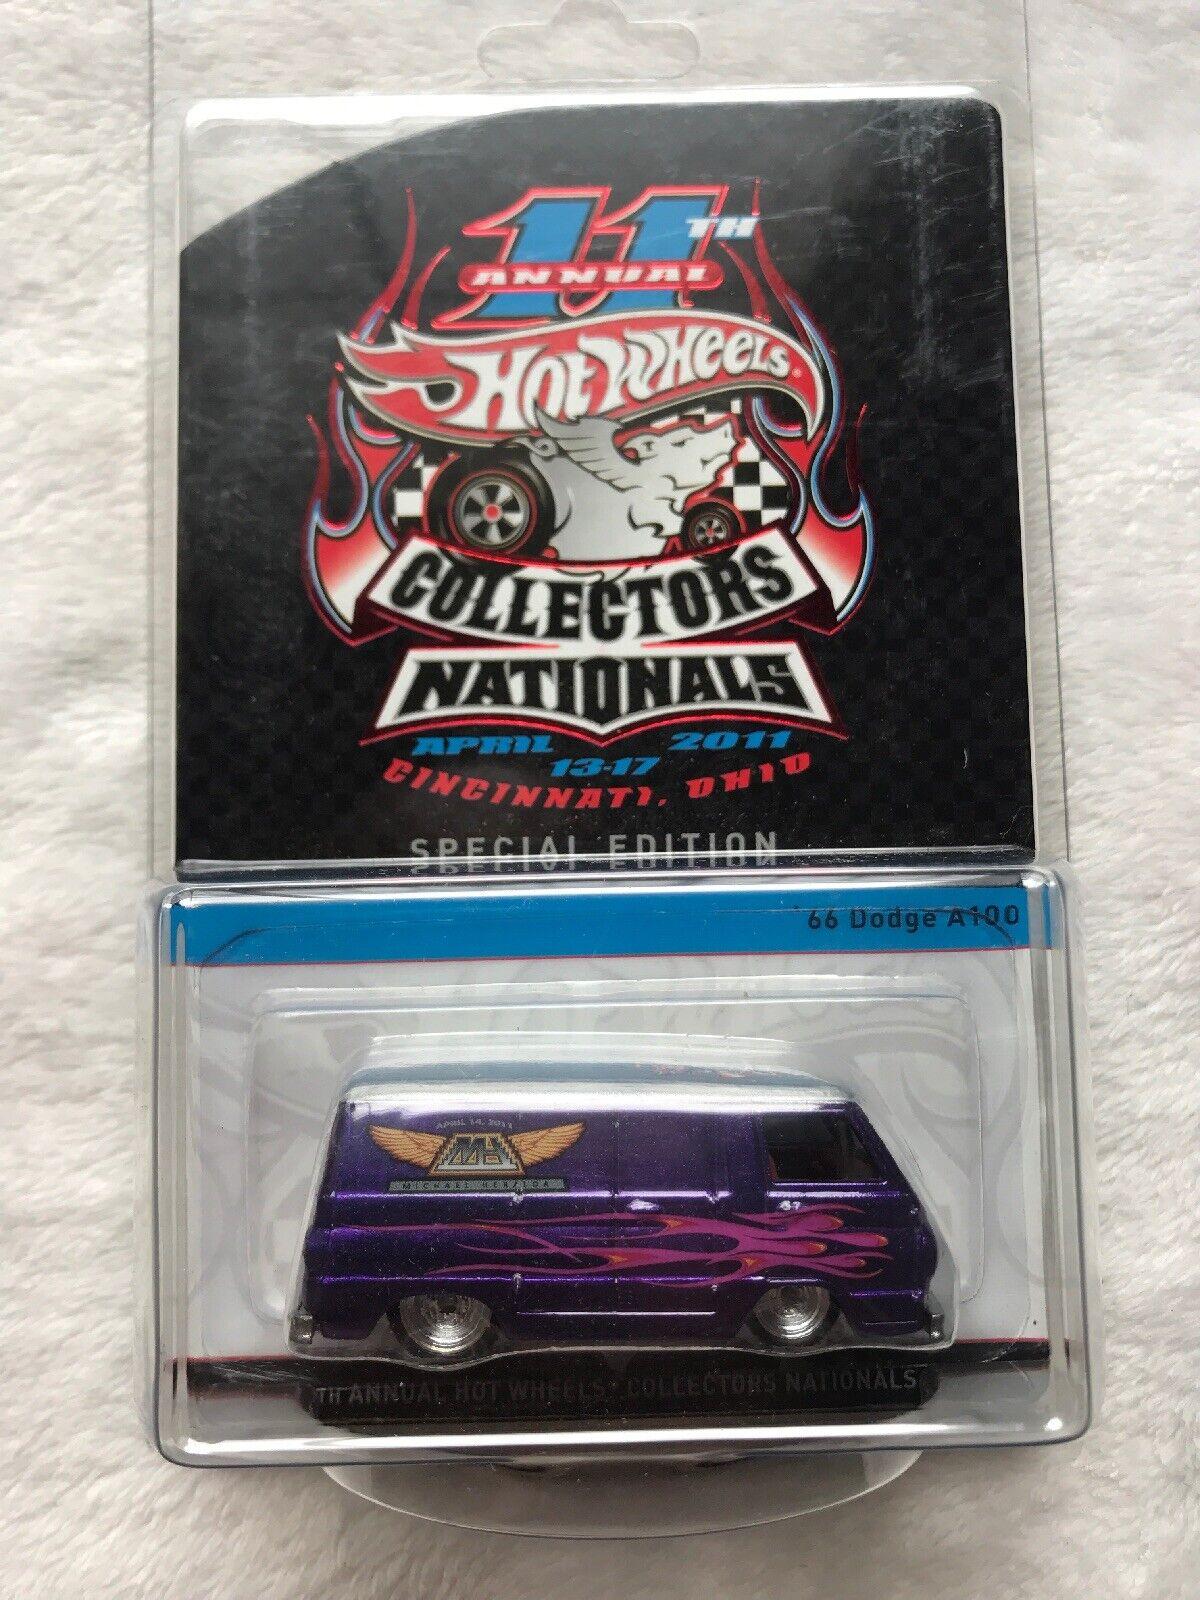 2011 Hot Wheels 11th Annual coleccionistas nacionales 66 Dodge A100 cena 1127 1200